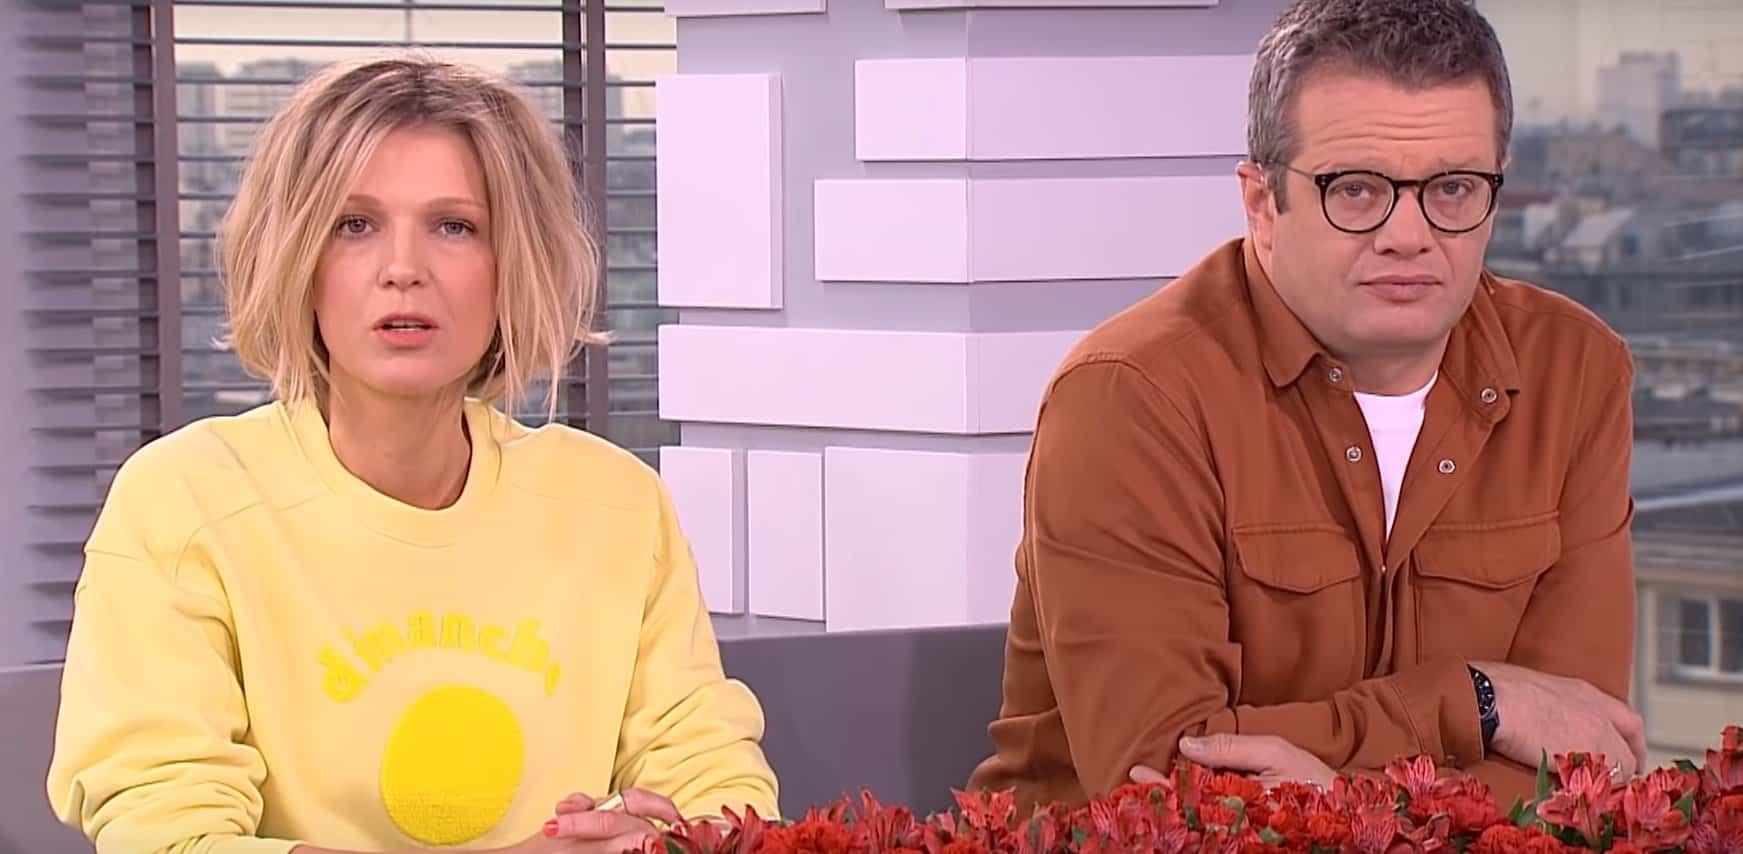 TVN wprowadza zmiany w programach na żywo, głównie chodzi o program Dzień Dobry TVN, powodem jest panujący w Polsce koronawirus. Screen/ YouTube